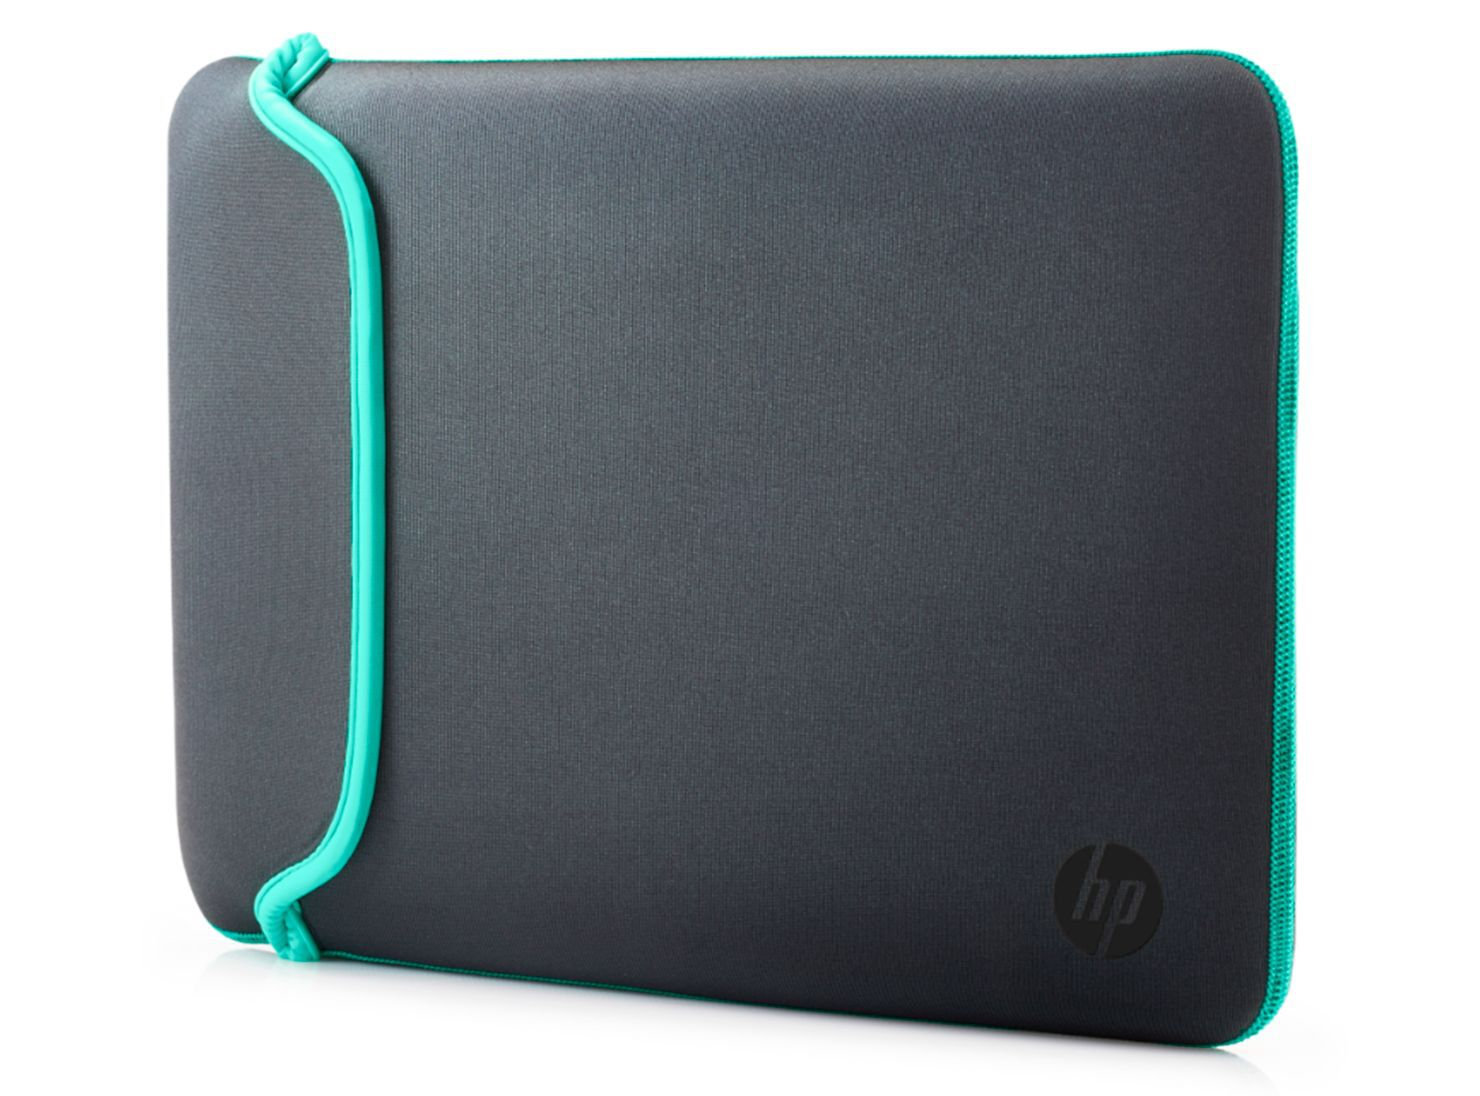 c1e6dc498 Funda Notebook HP Chroma 14